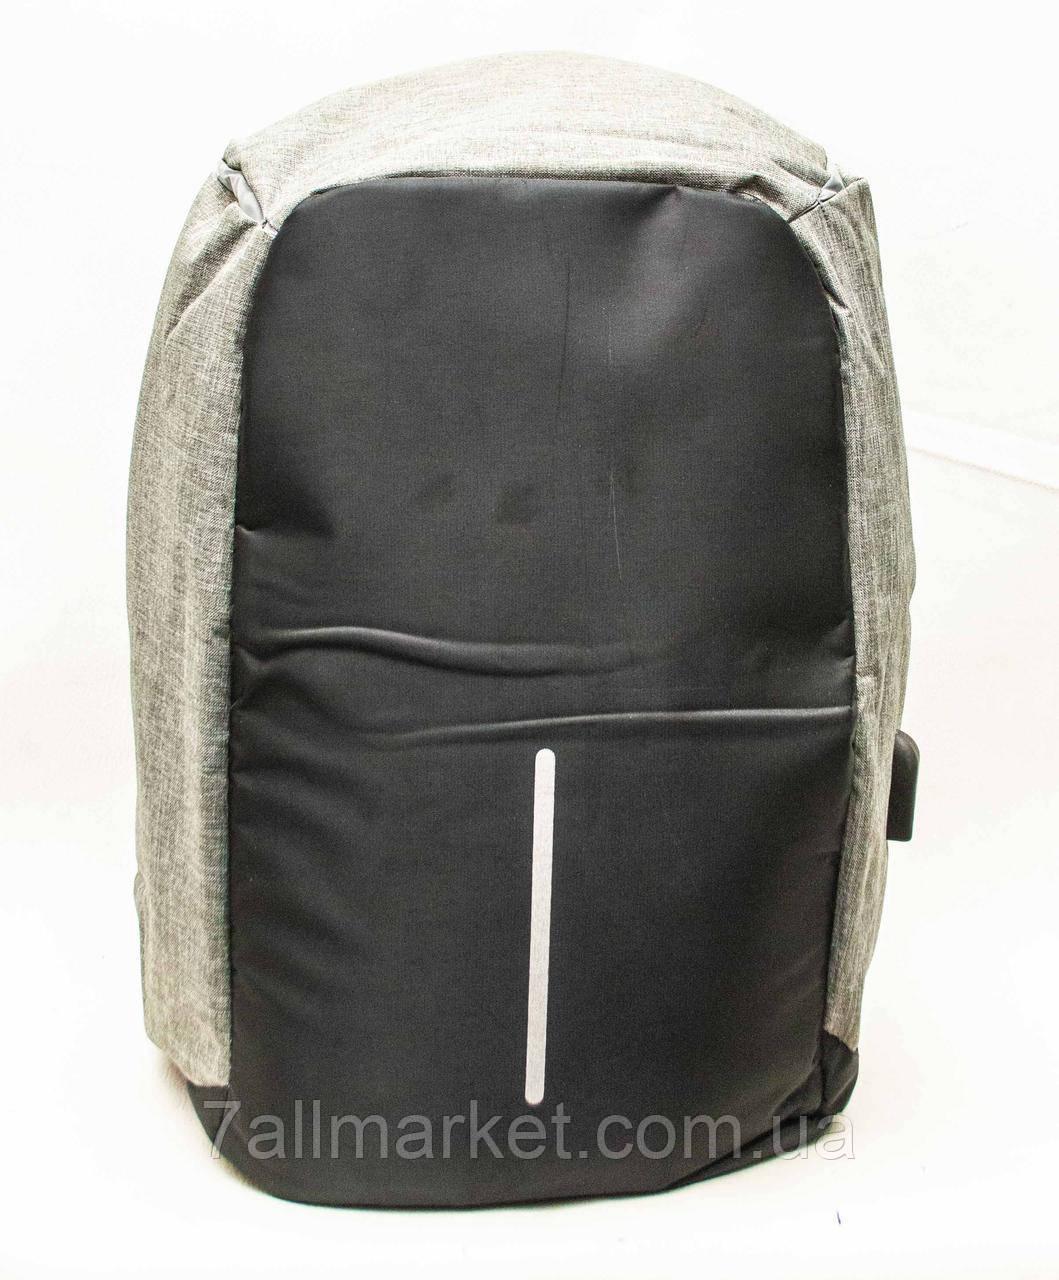 """Рюкзак мужской стильный размер 45*28 см (2 цв.) """"VALET"""" купить недорого от прямого поставщика"""